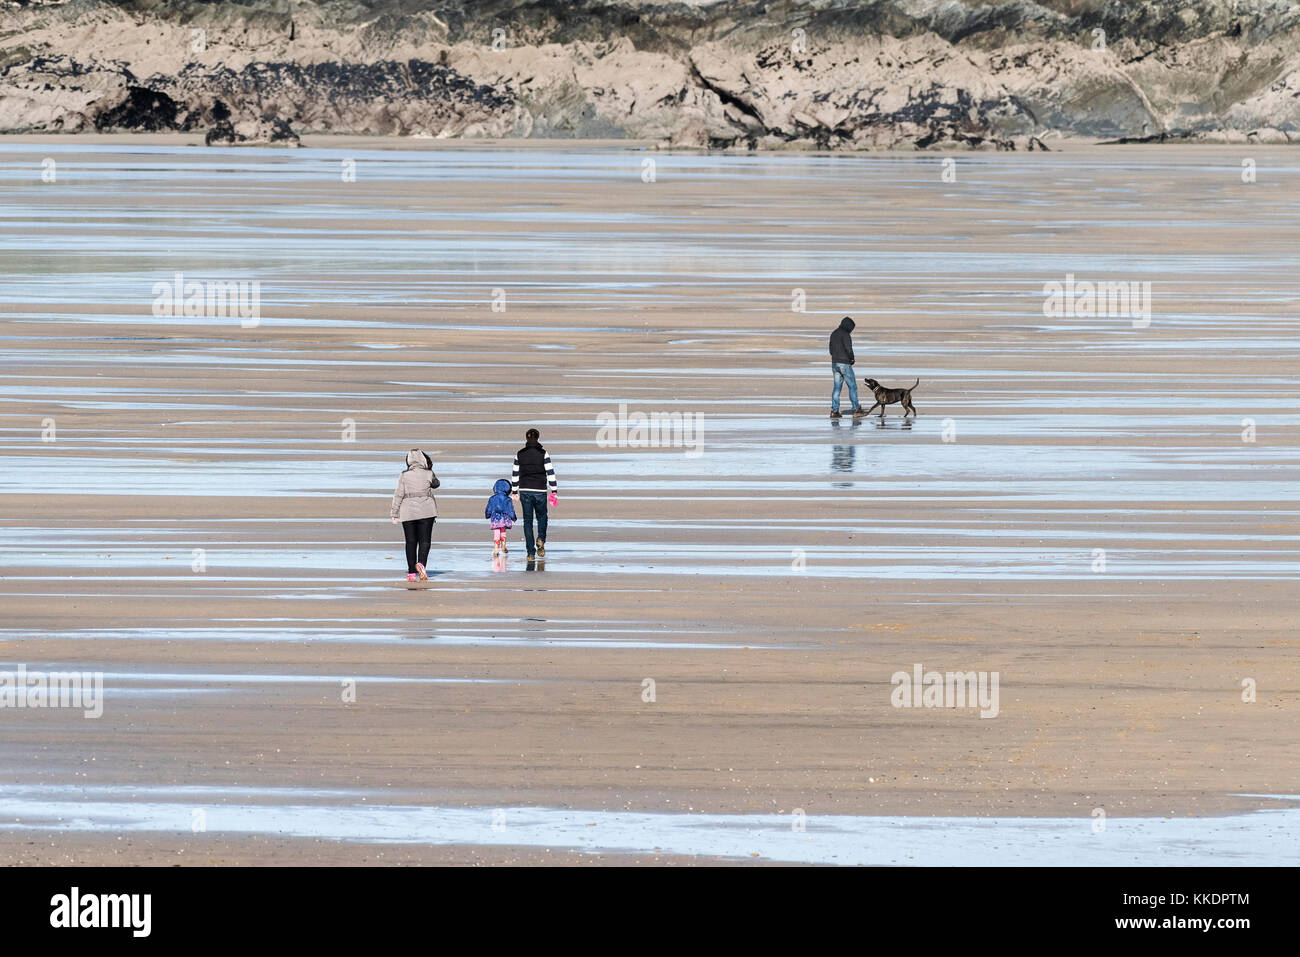 La playa Fistral newquay - gente caminando por la playa Fistral durante la marea baja, Newquay, Cornwall. Imagen De Stock